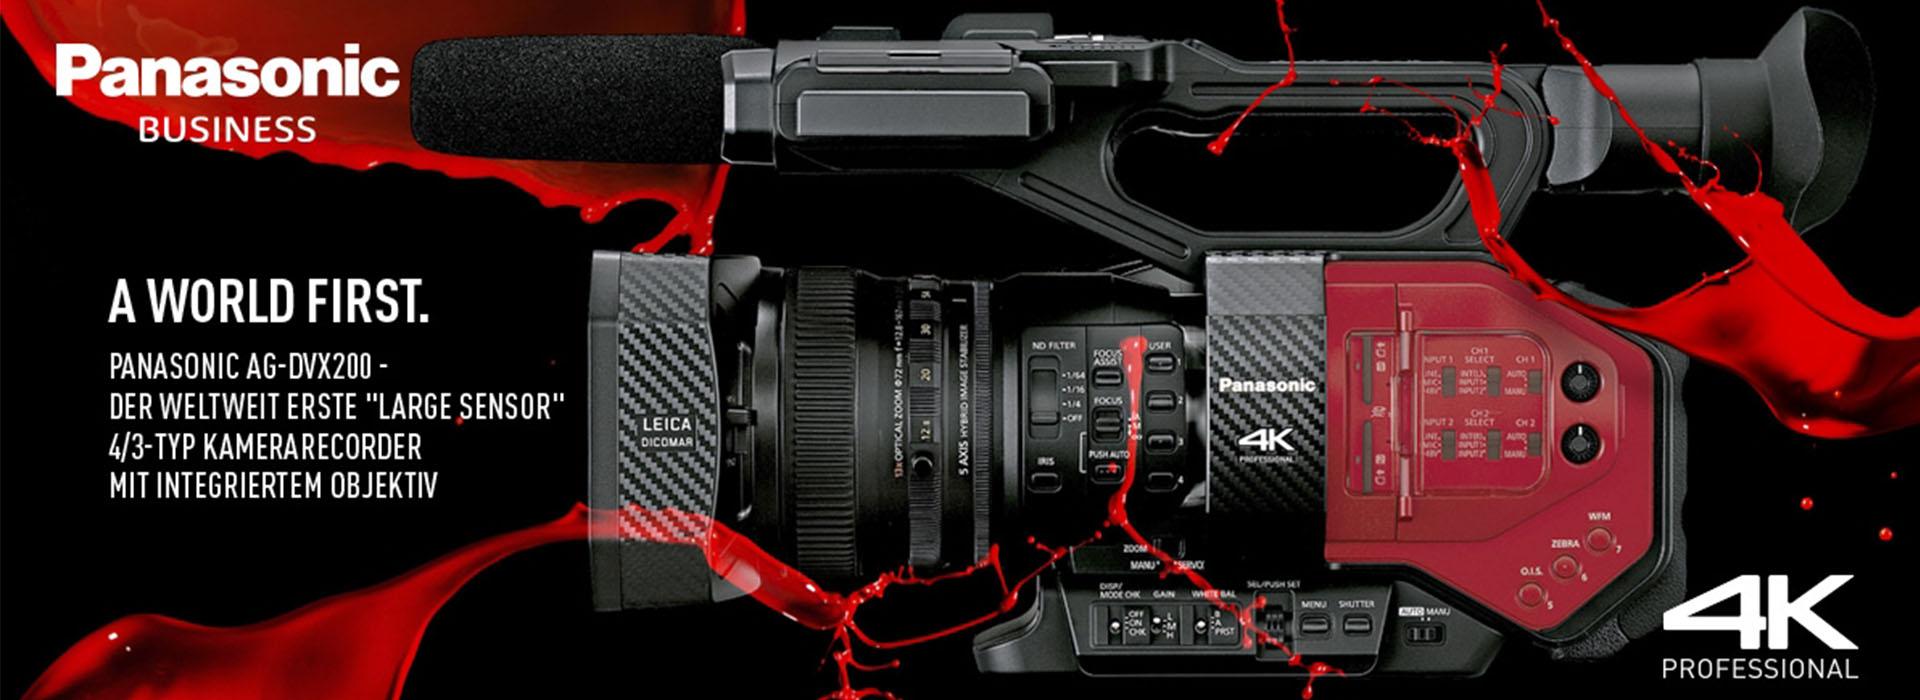 Slider_3 AG-DVX200